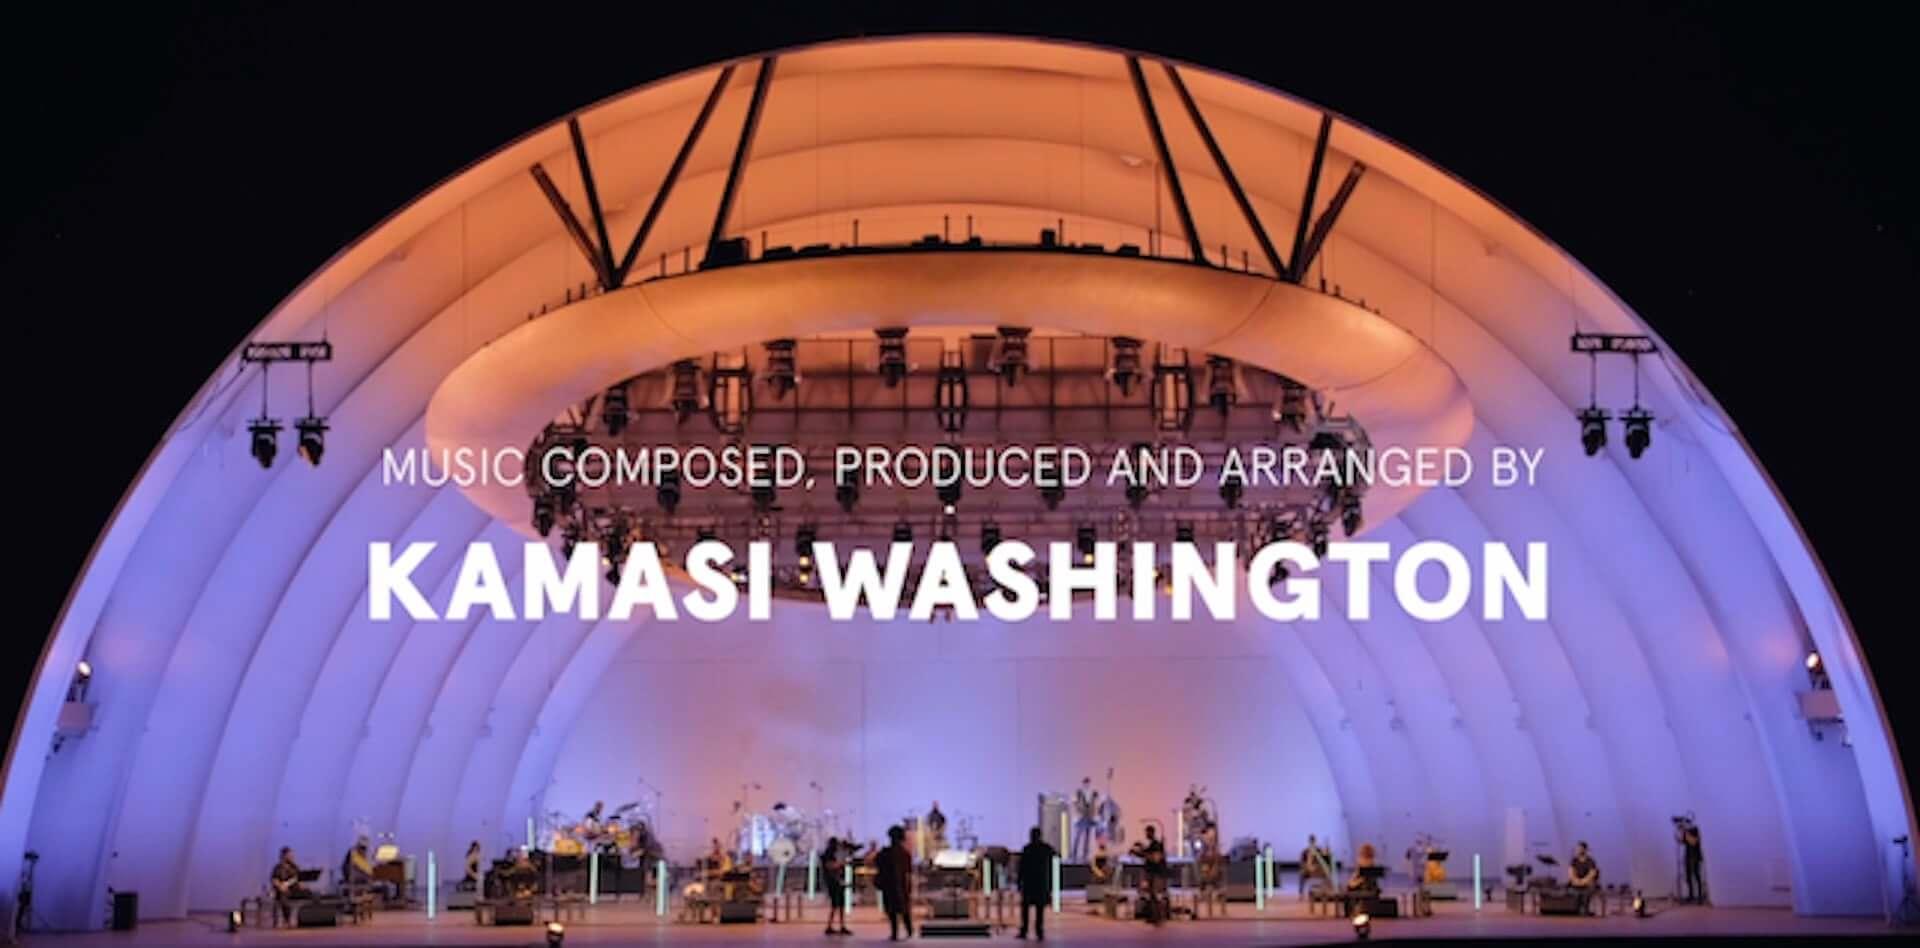 Kamasi Washingtonが自身初の映画音楽作品『Becoming』のフルライブを披露!コンサート映像シリーズ「SOUND/STAGE」にて公開 music201102_kamasi-washington_4-1920x948